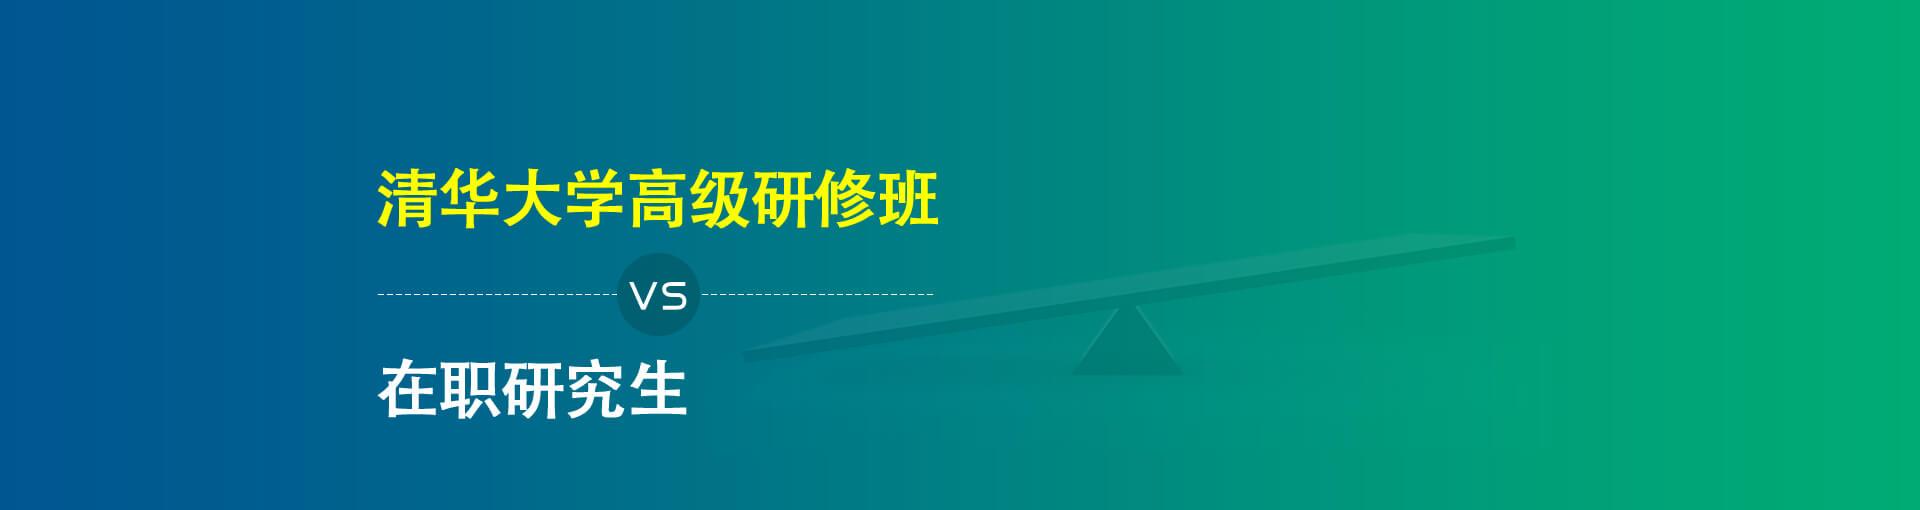 考前必读:清华大学高级研修班和在职研究生的区别详解